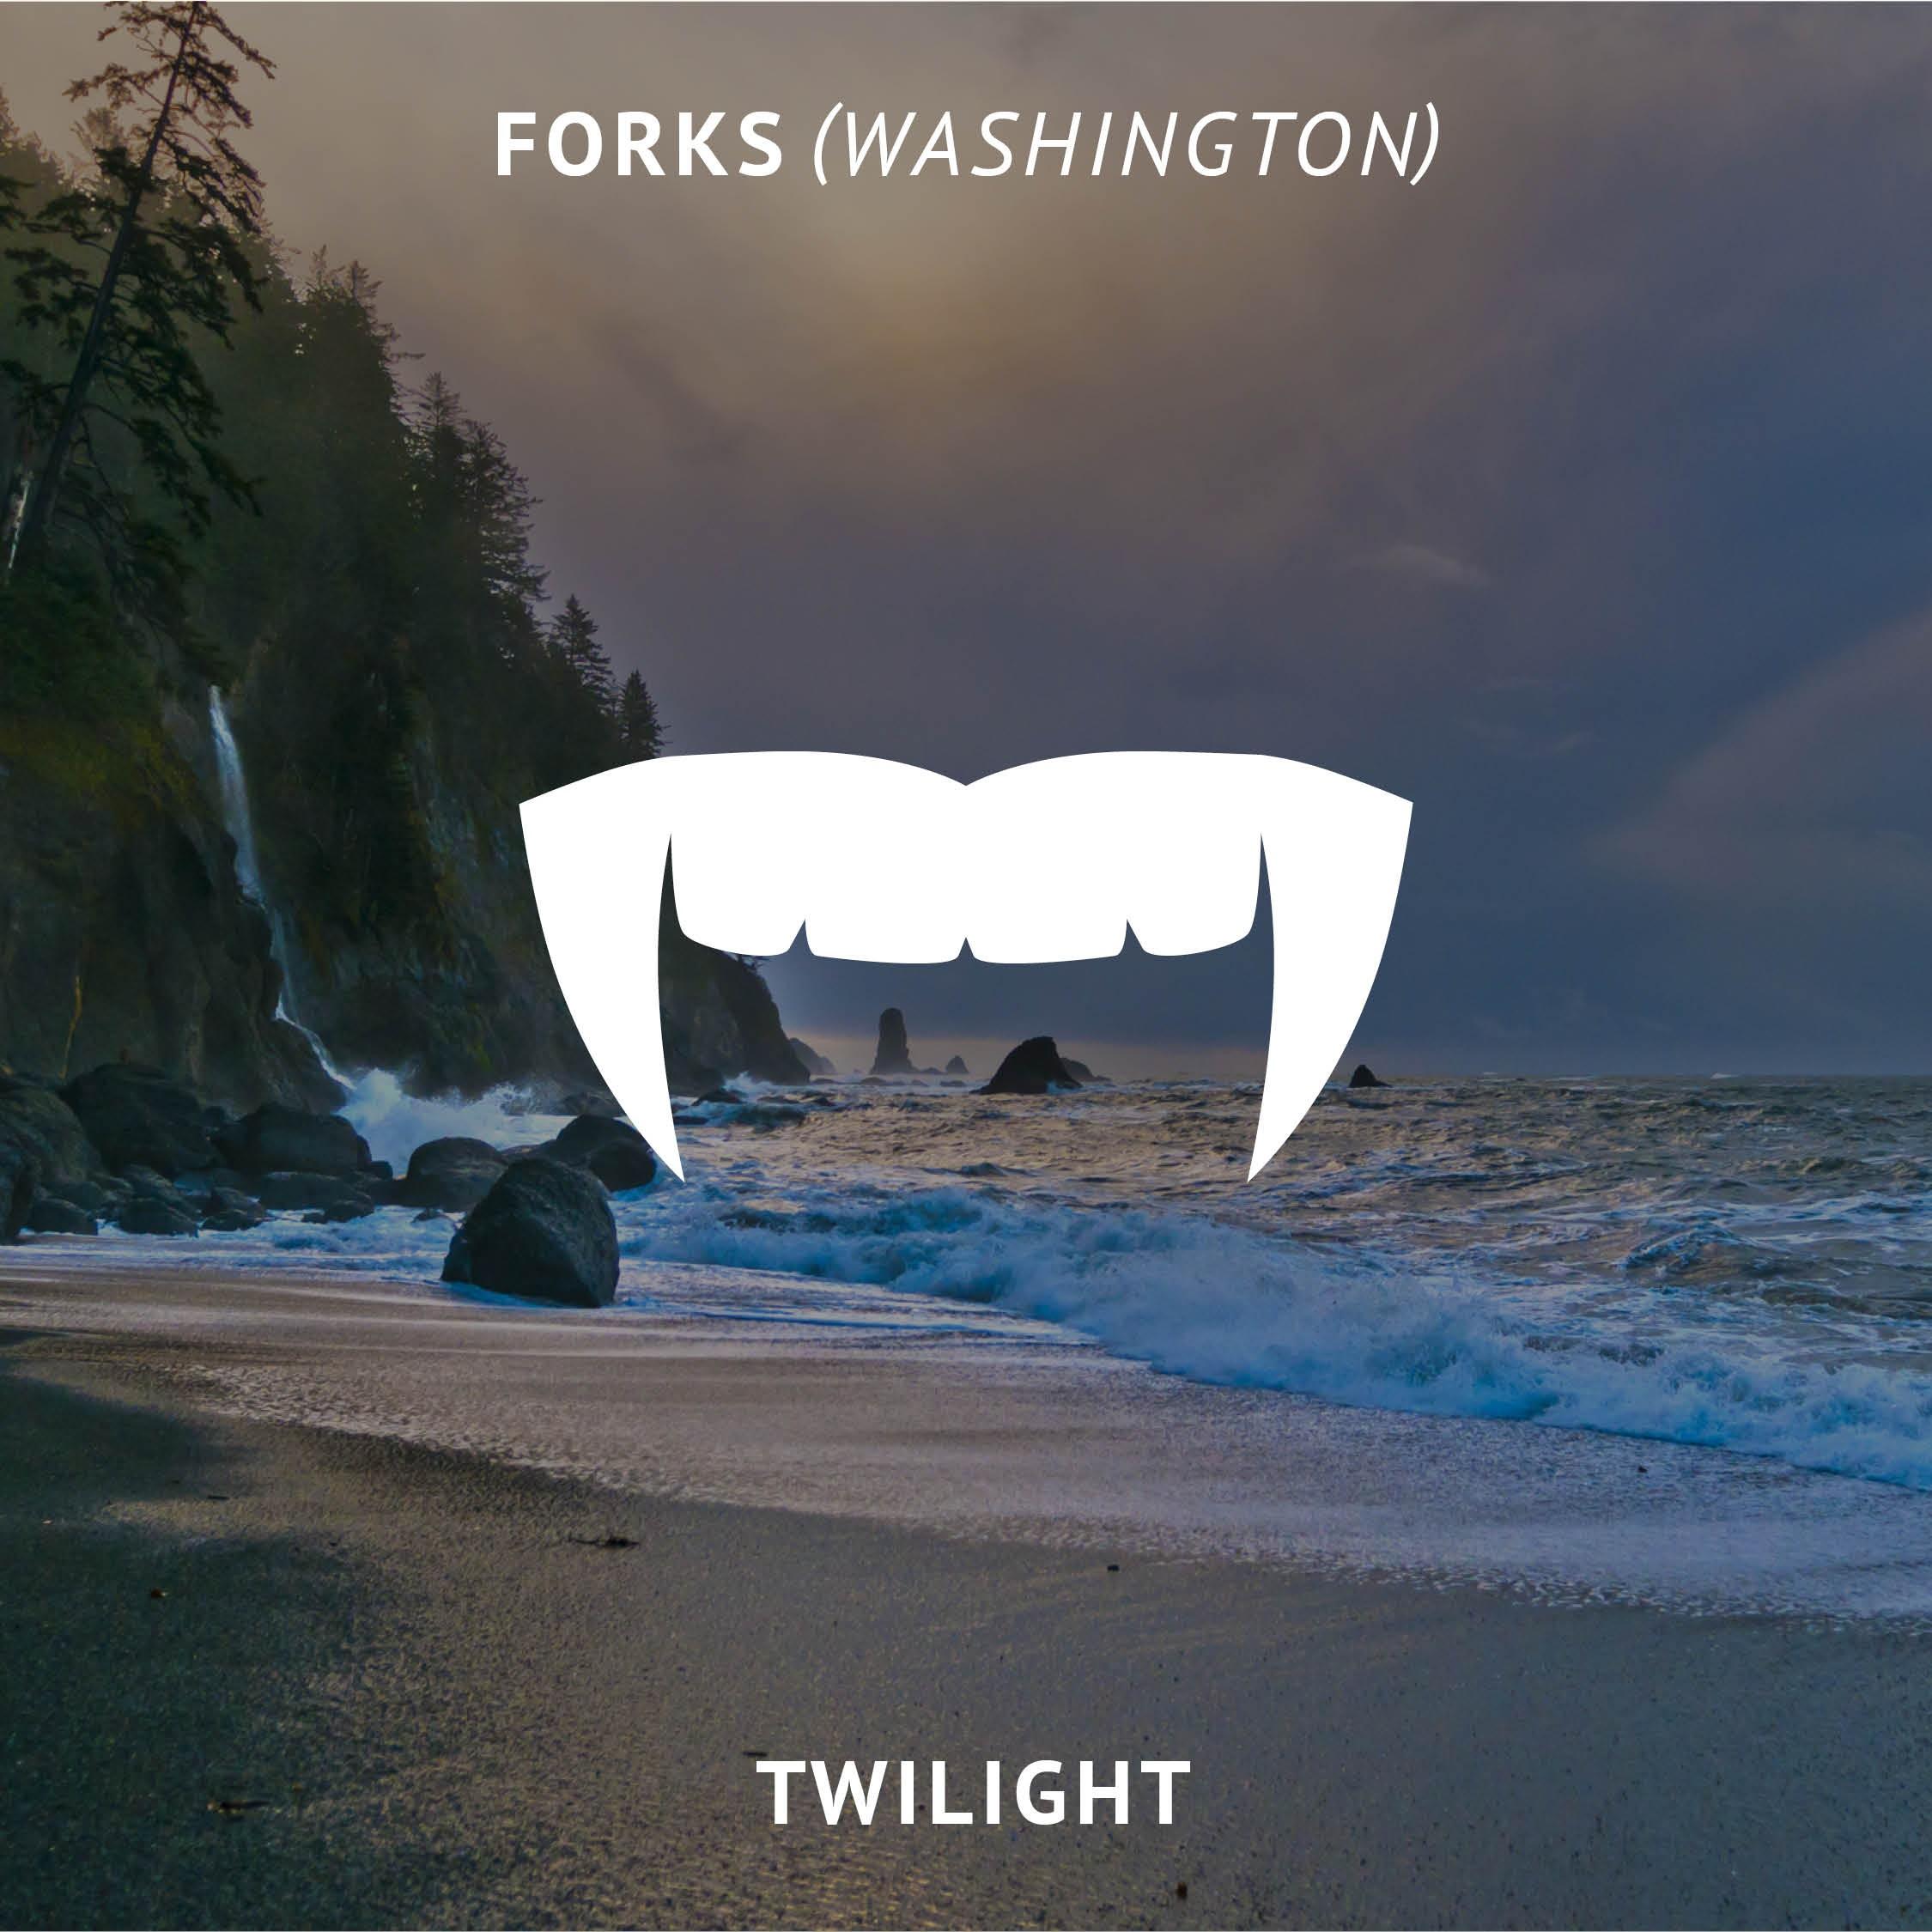 forks twilight